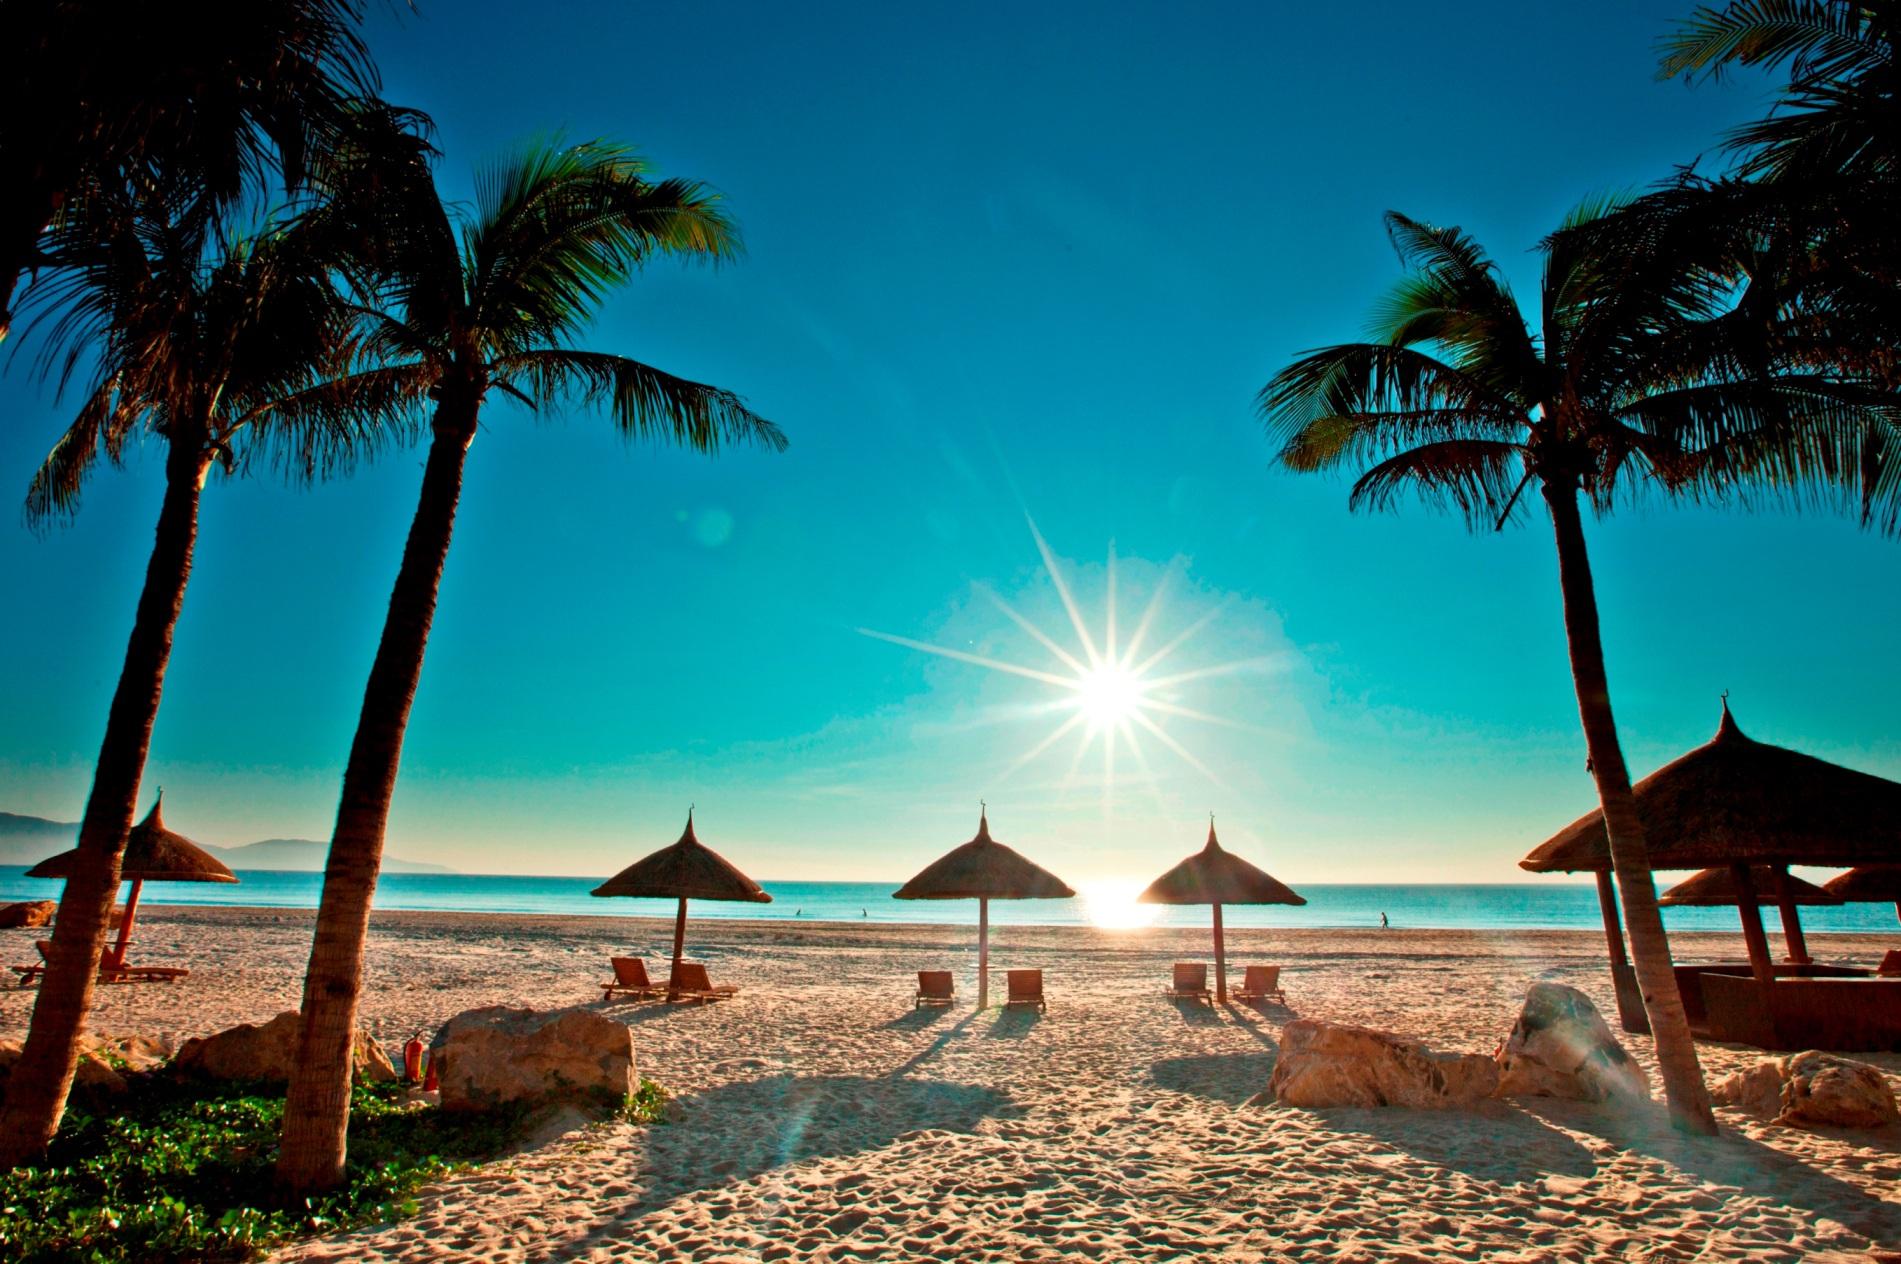 Hình ảnh trời nắng trên bãi biển cực đẹp